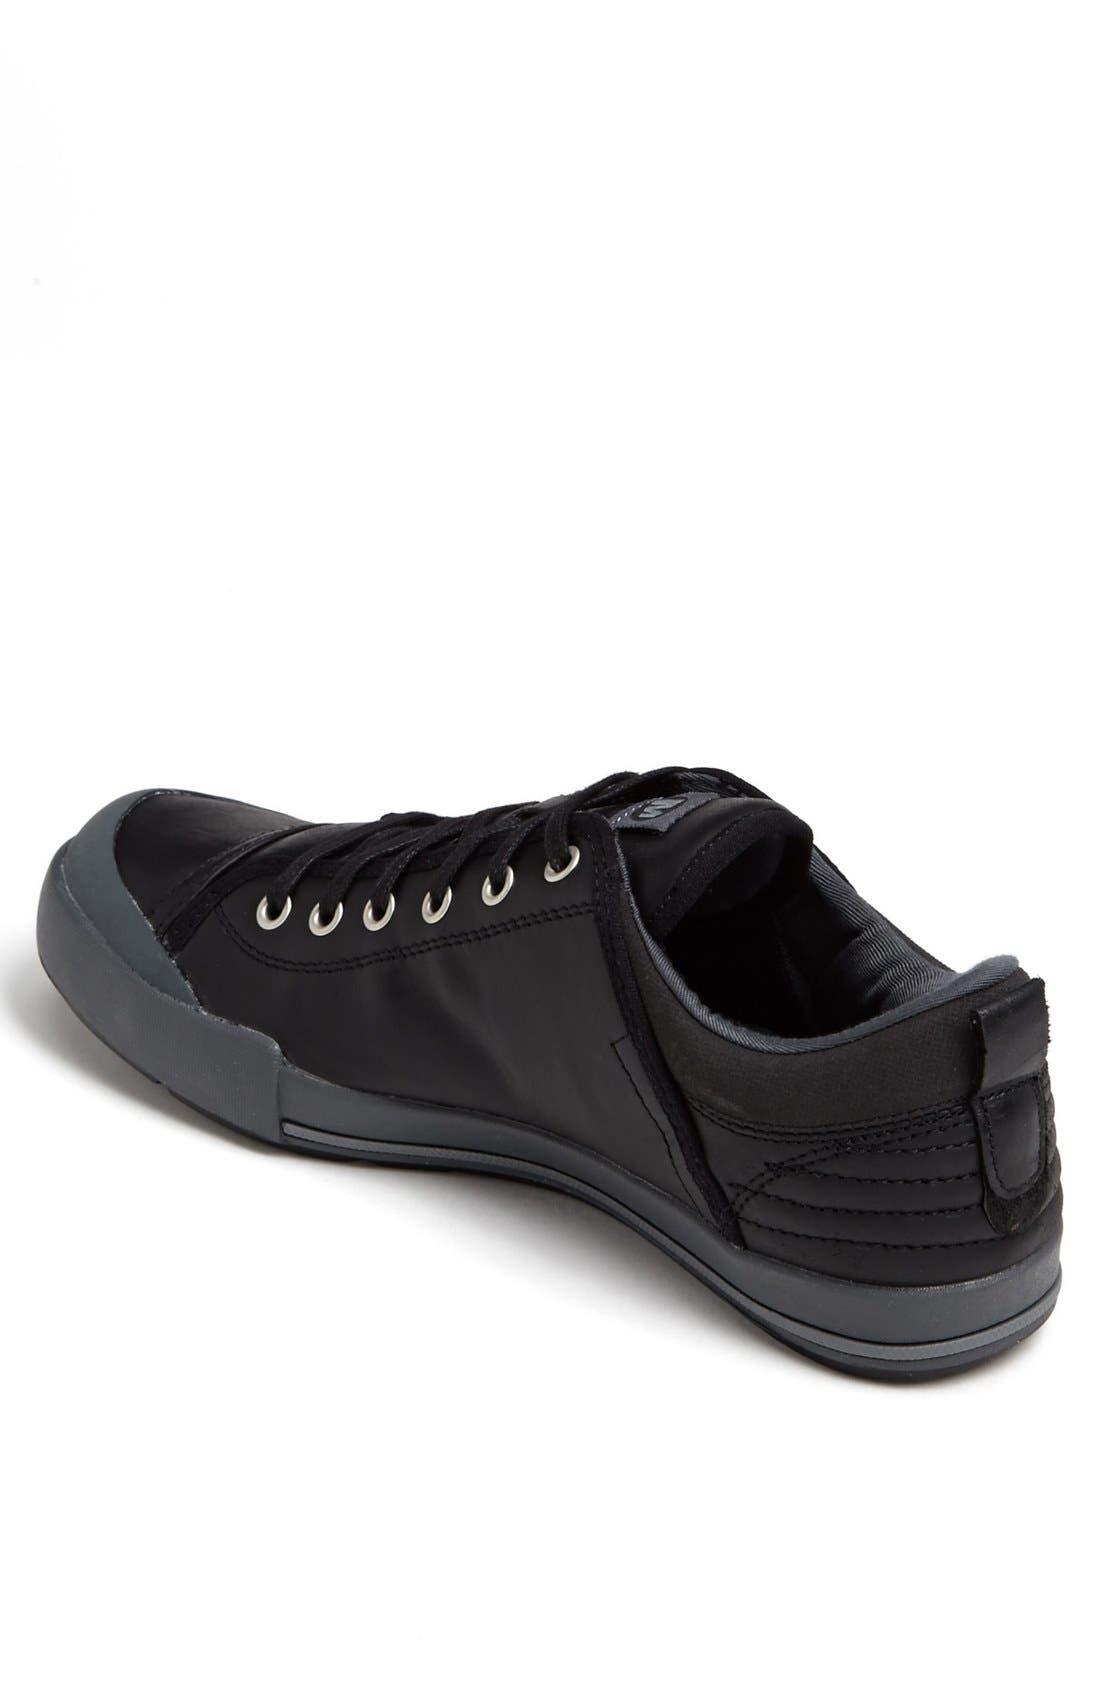 Alternate Image 2  - Merrell 'Rant Evo' Sneaker